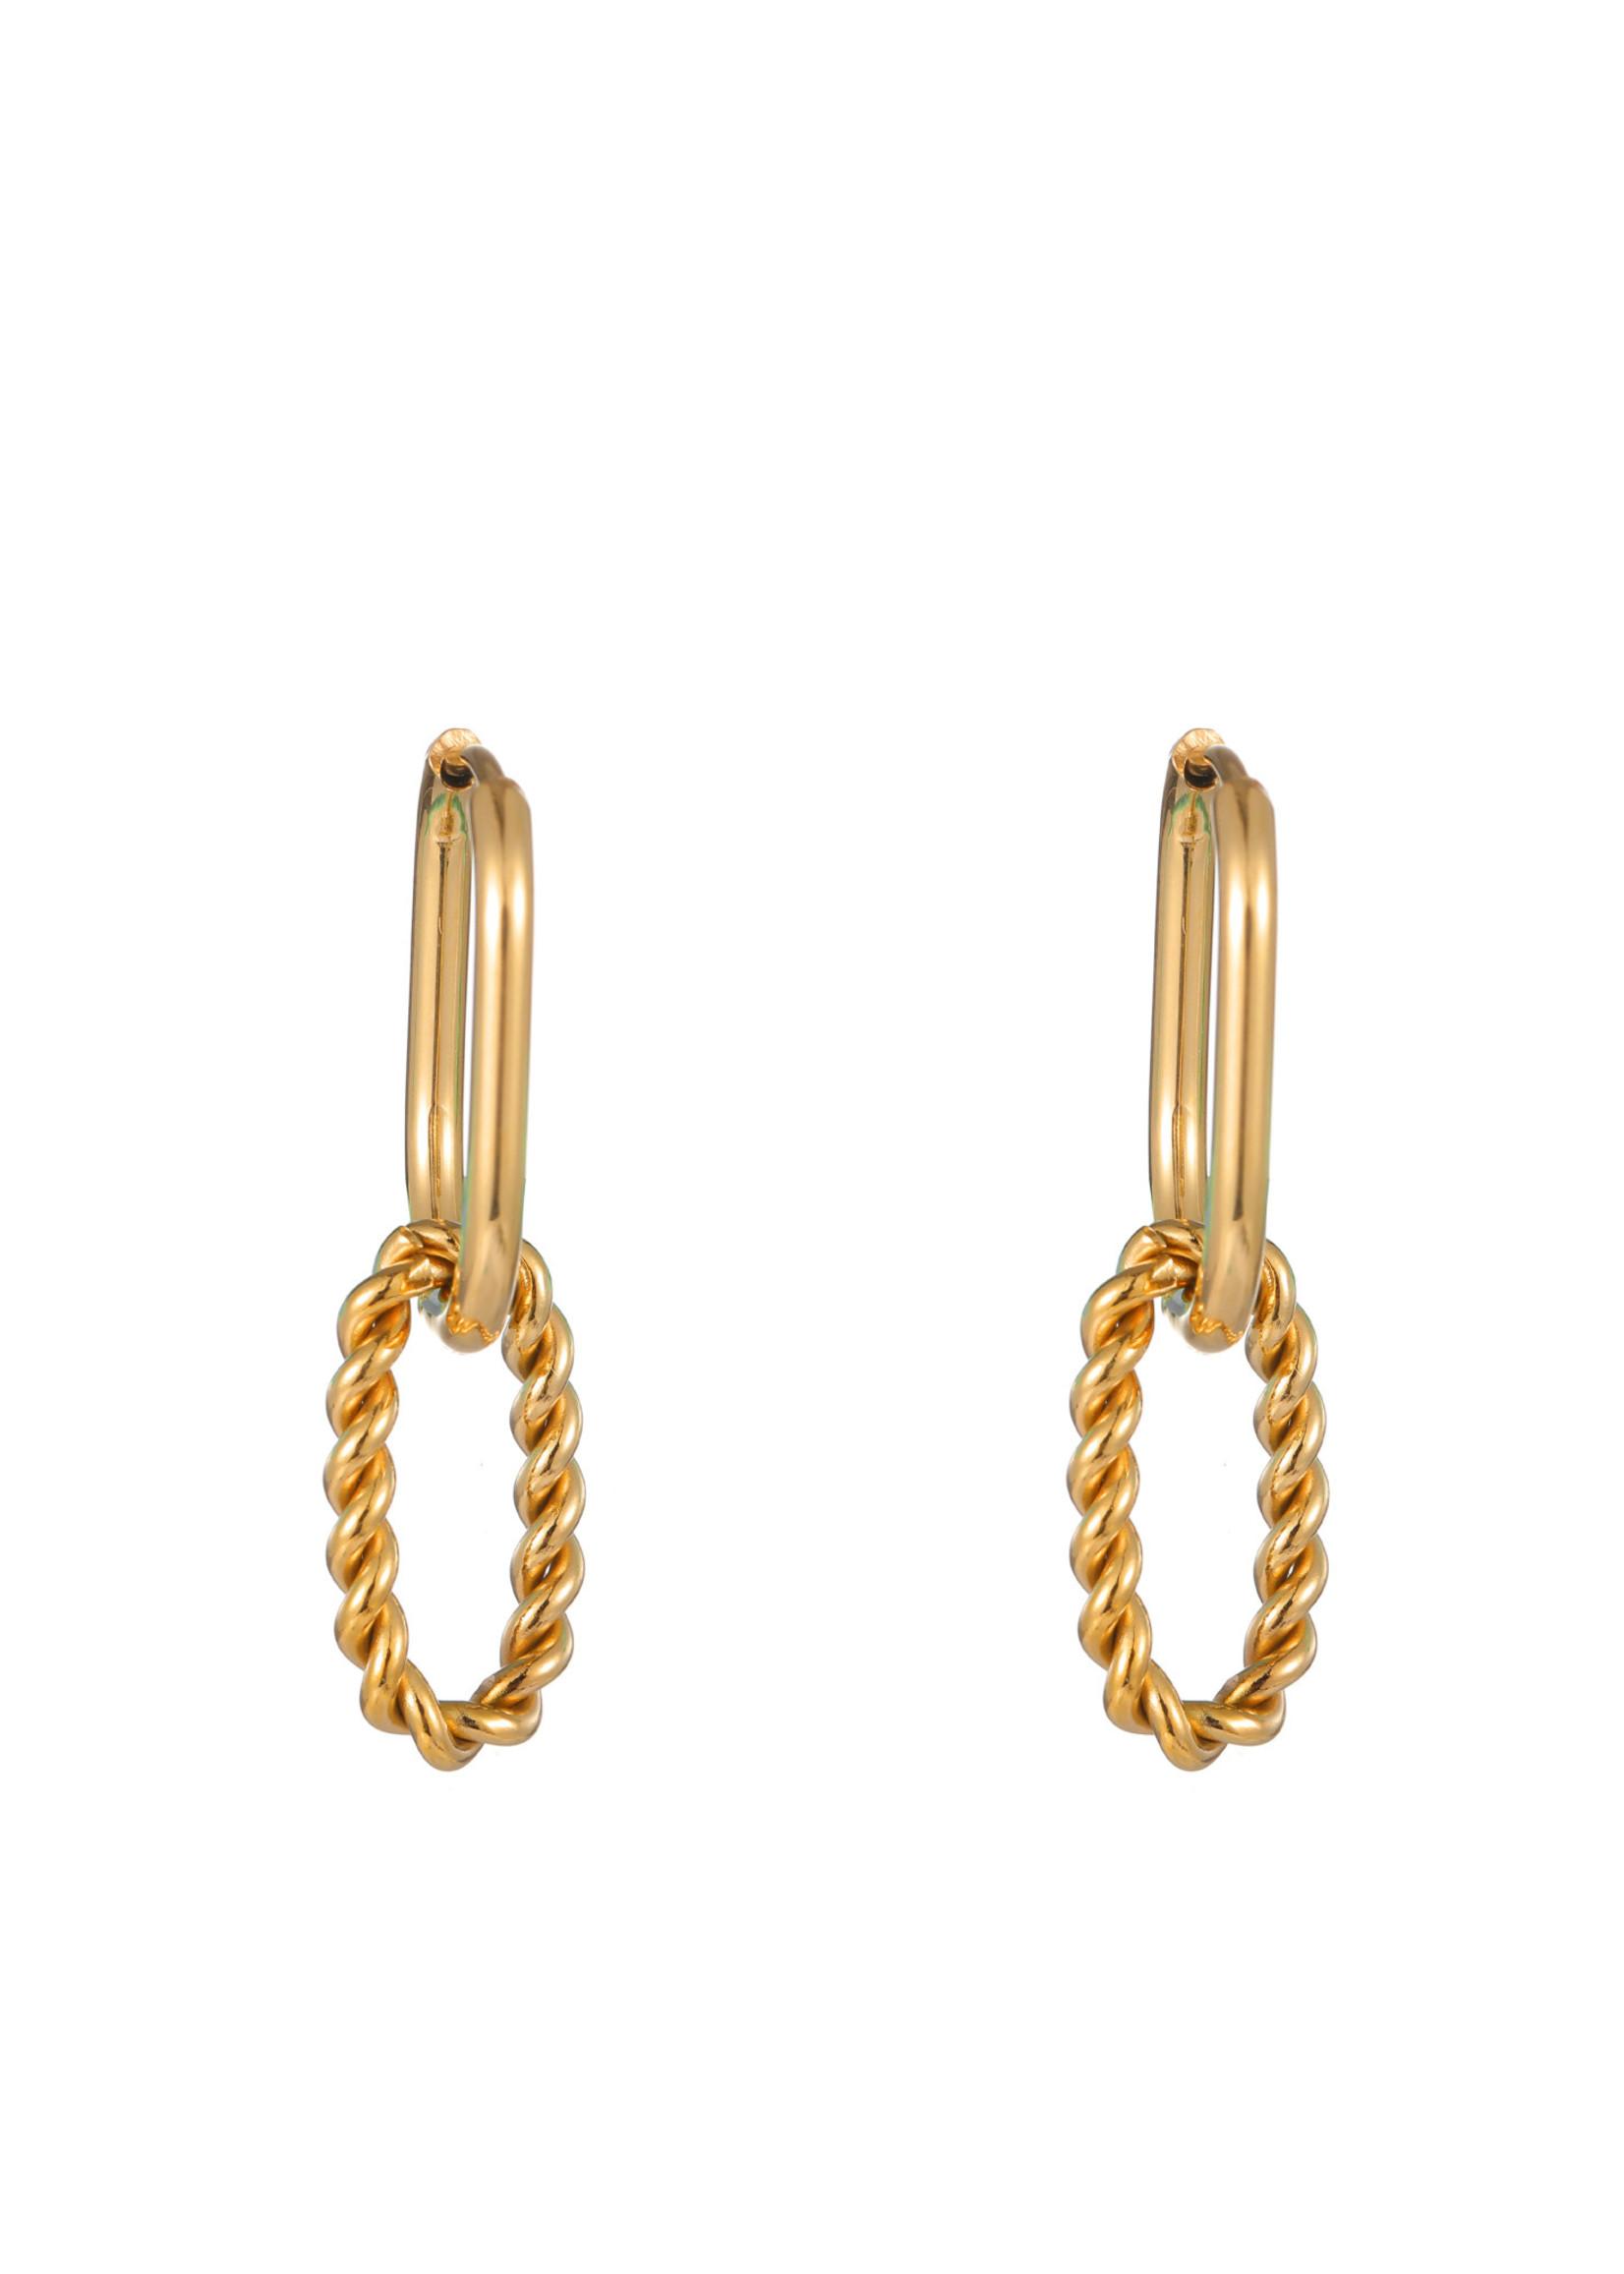 Oorbel goud hanger gedraaid en glad E1786-2